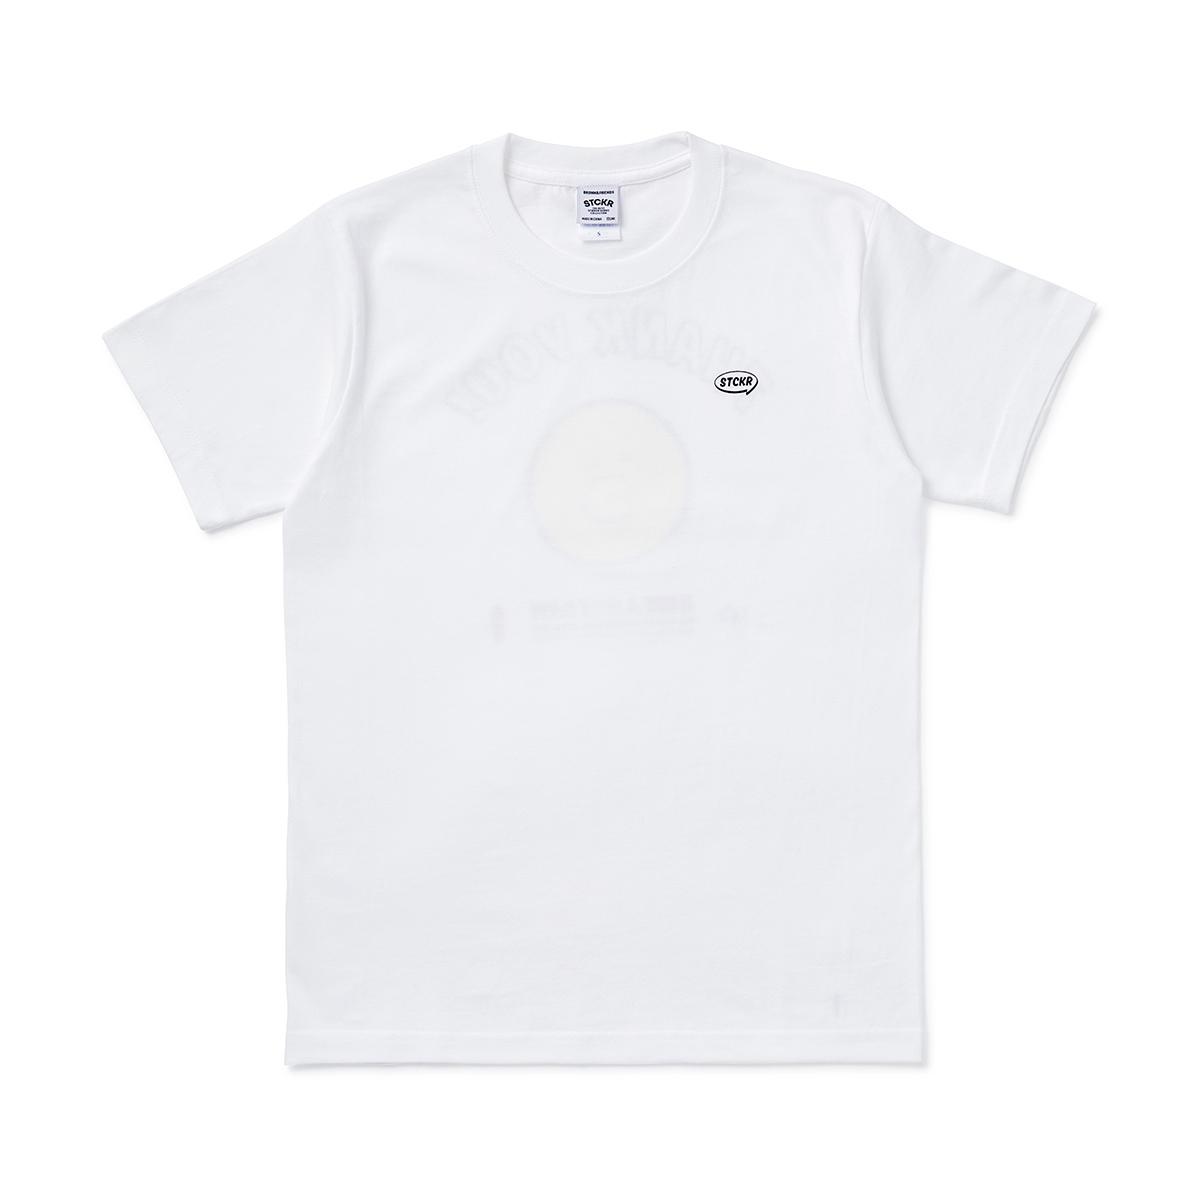 [스티커 컬렉션] 샐리 땡큐 반팔 티셔츠